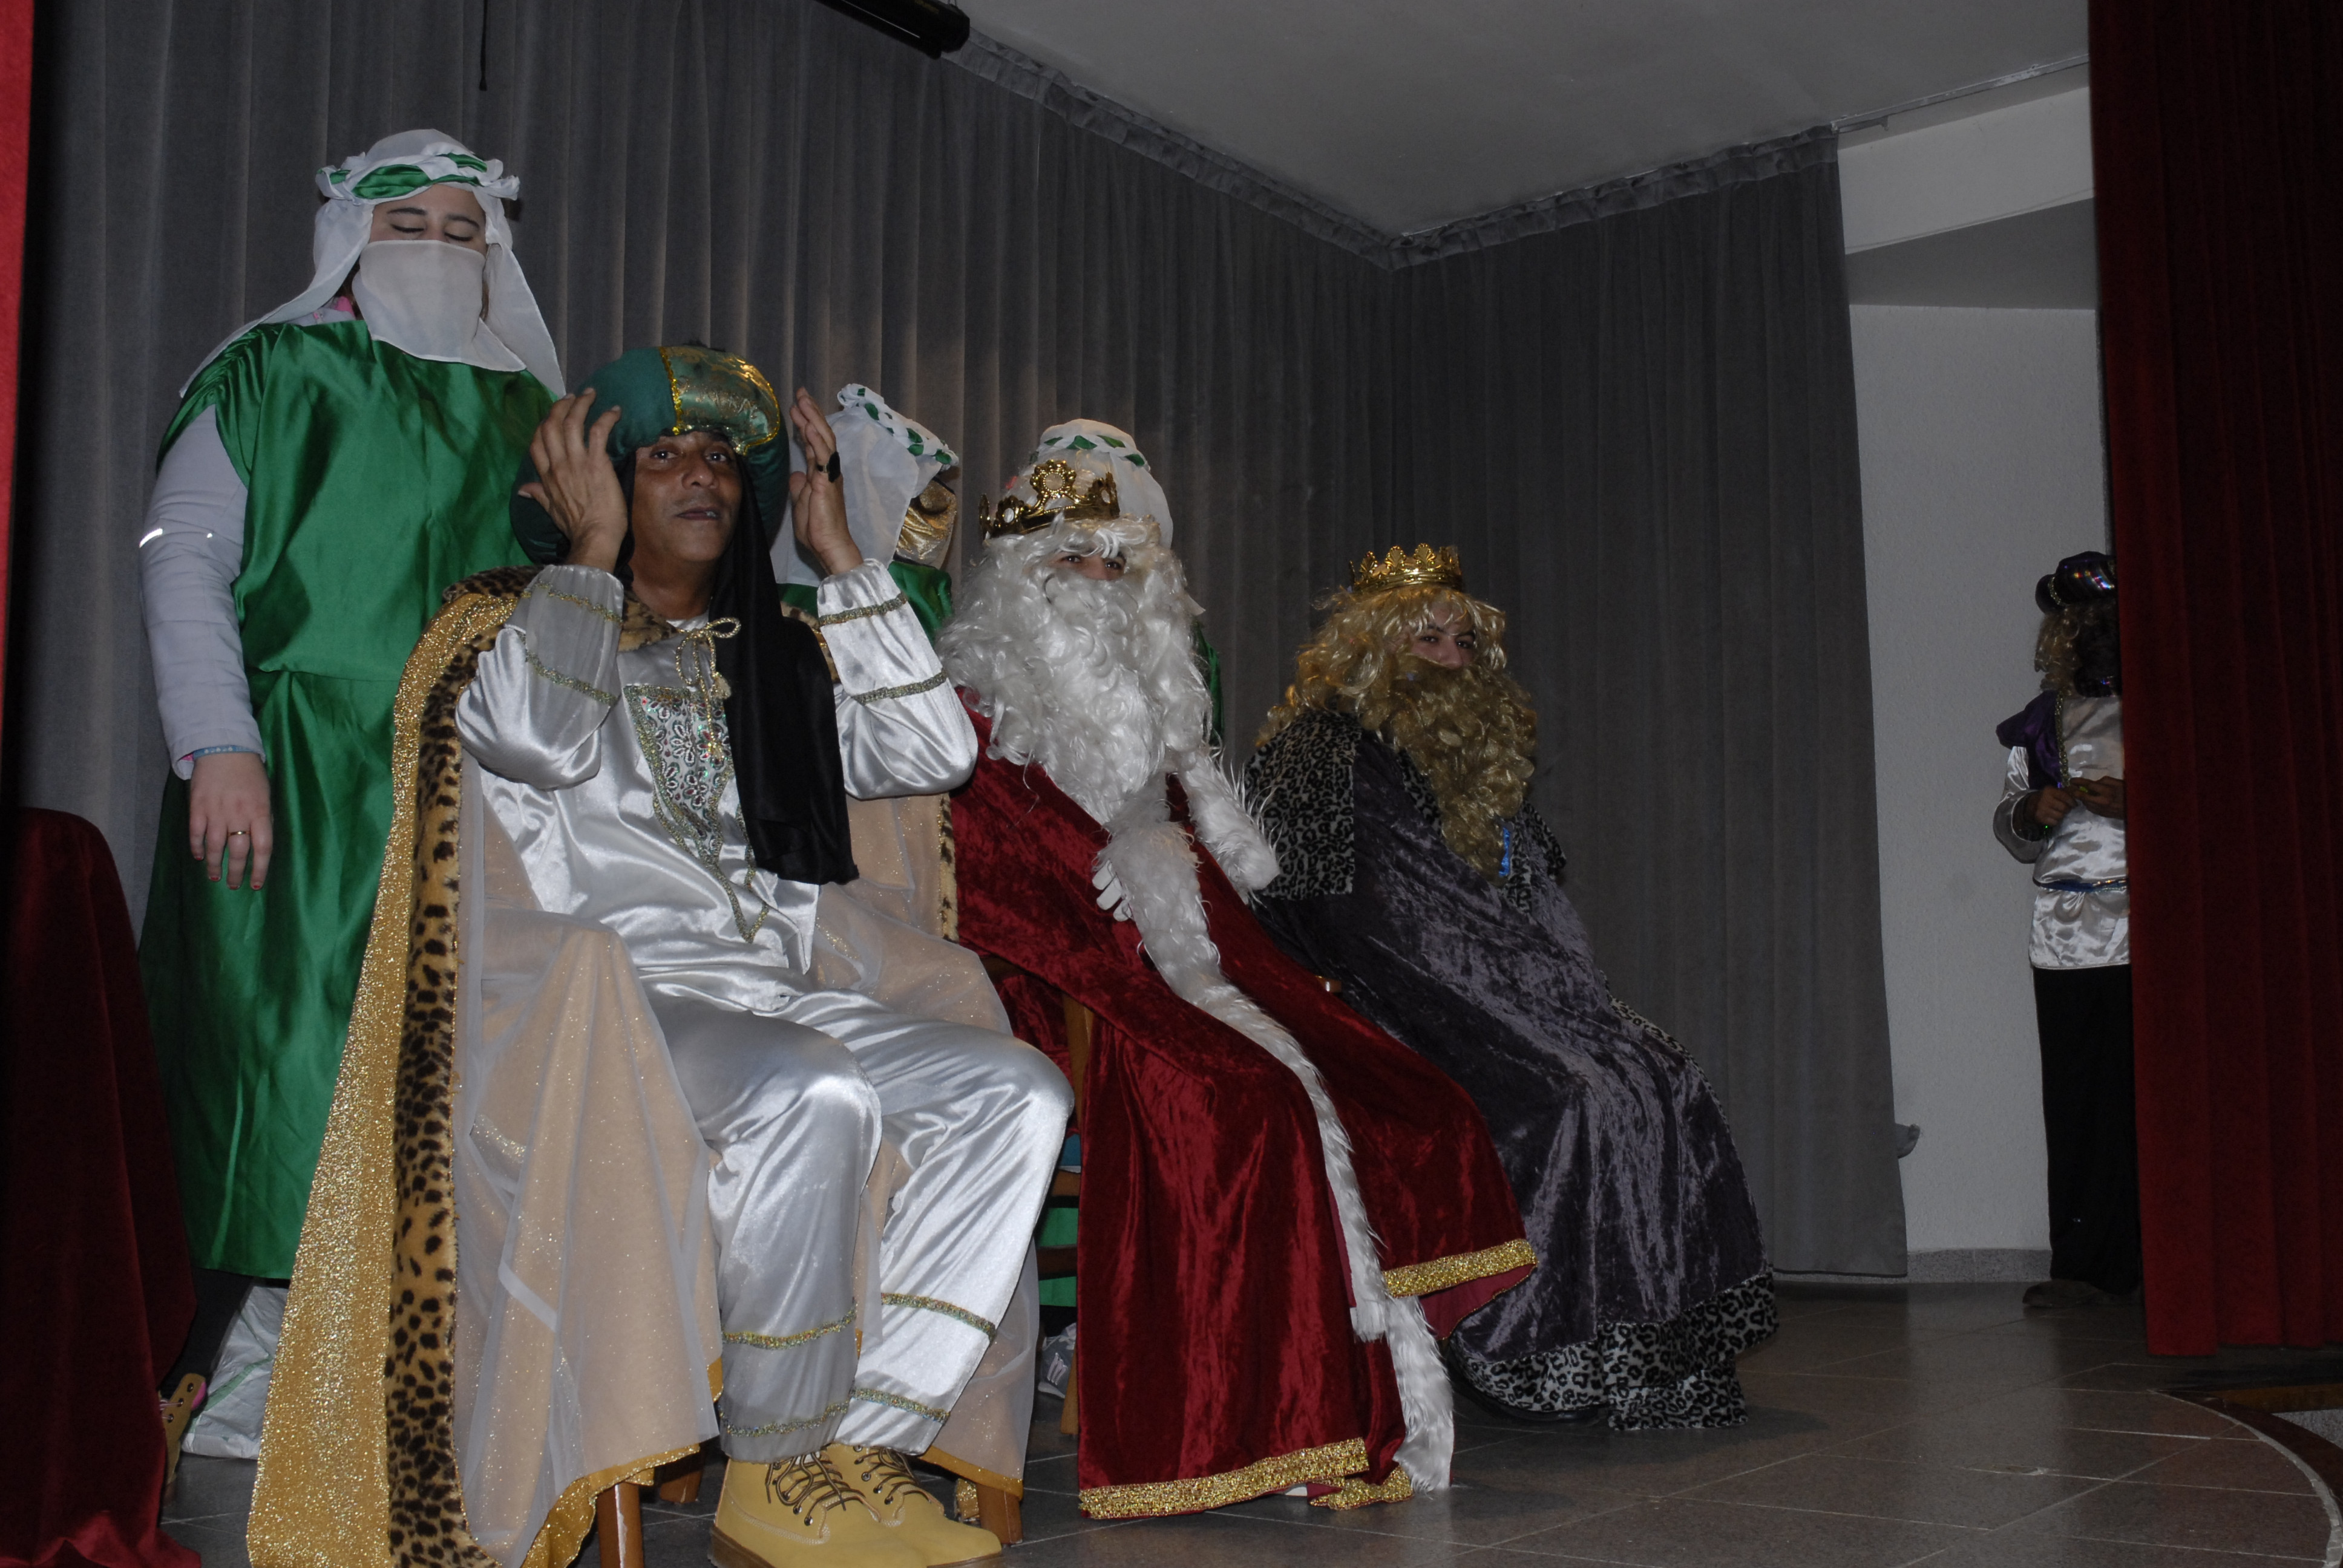 cabalgata-reyes-magos-2017-30